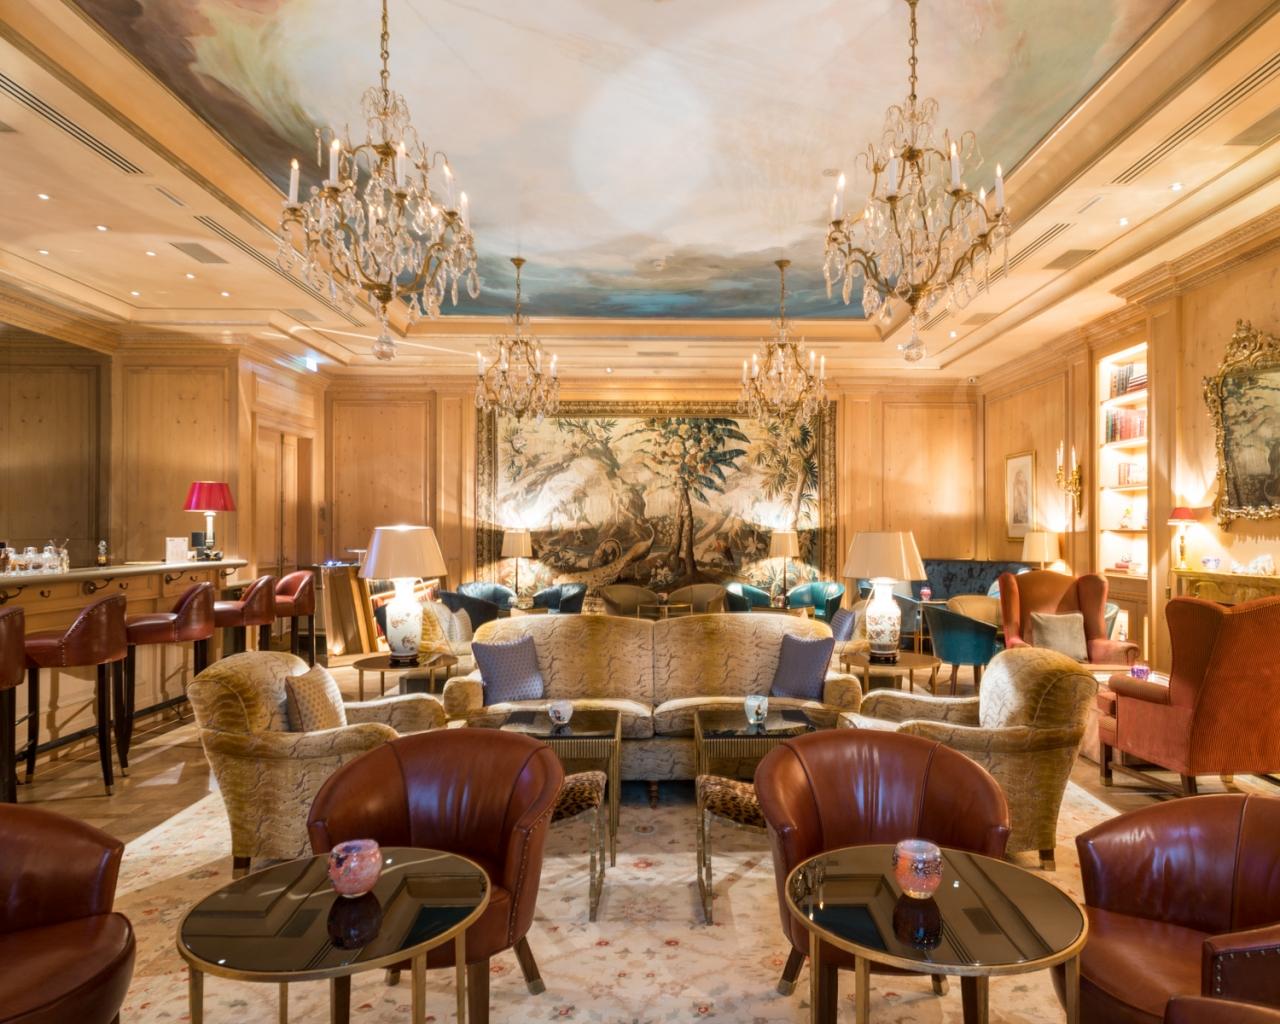 FRANÇOIS CAVELIER Le Bristol Hotel. Paris. MONOCLE